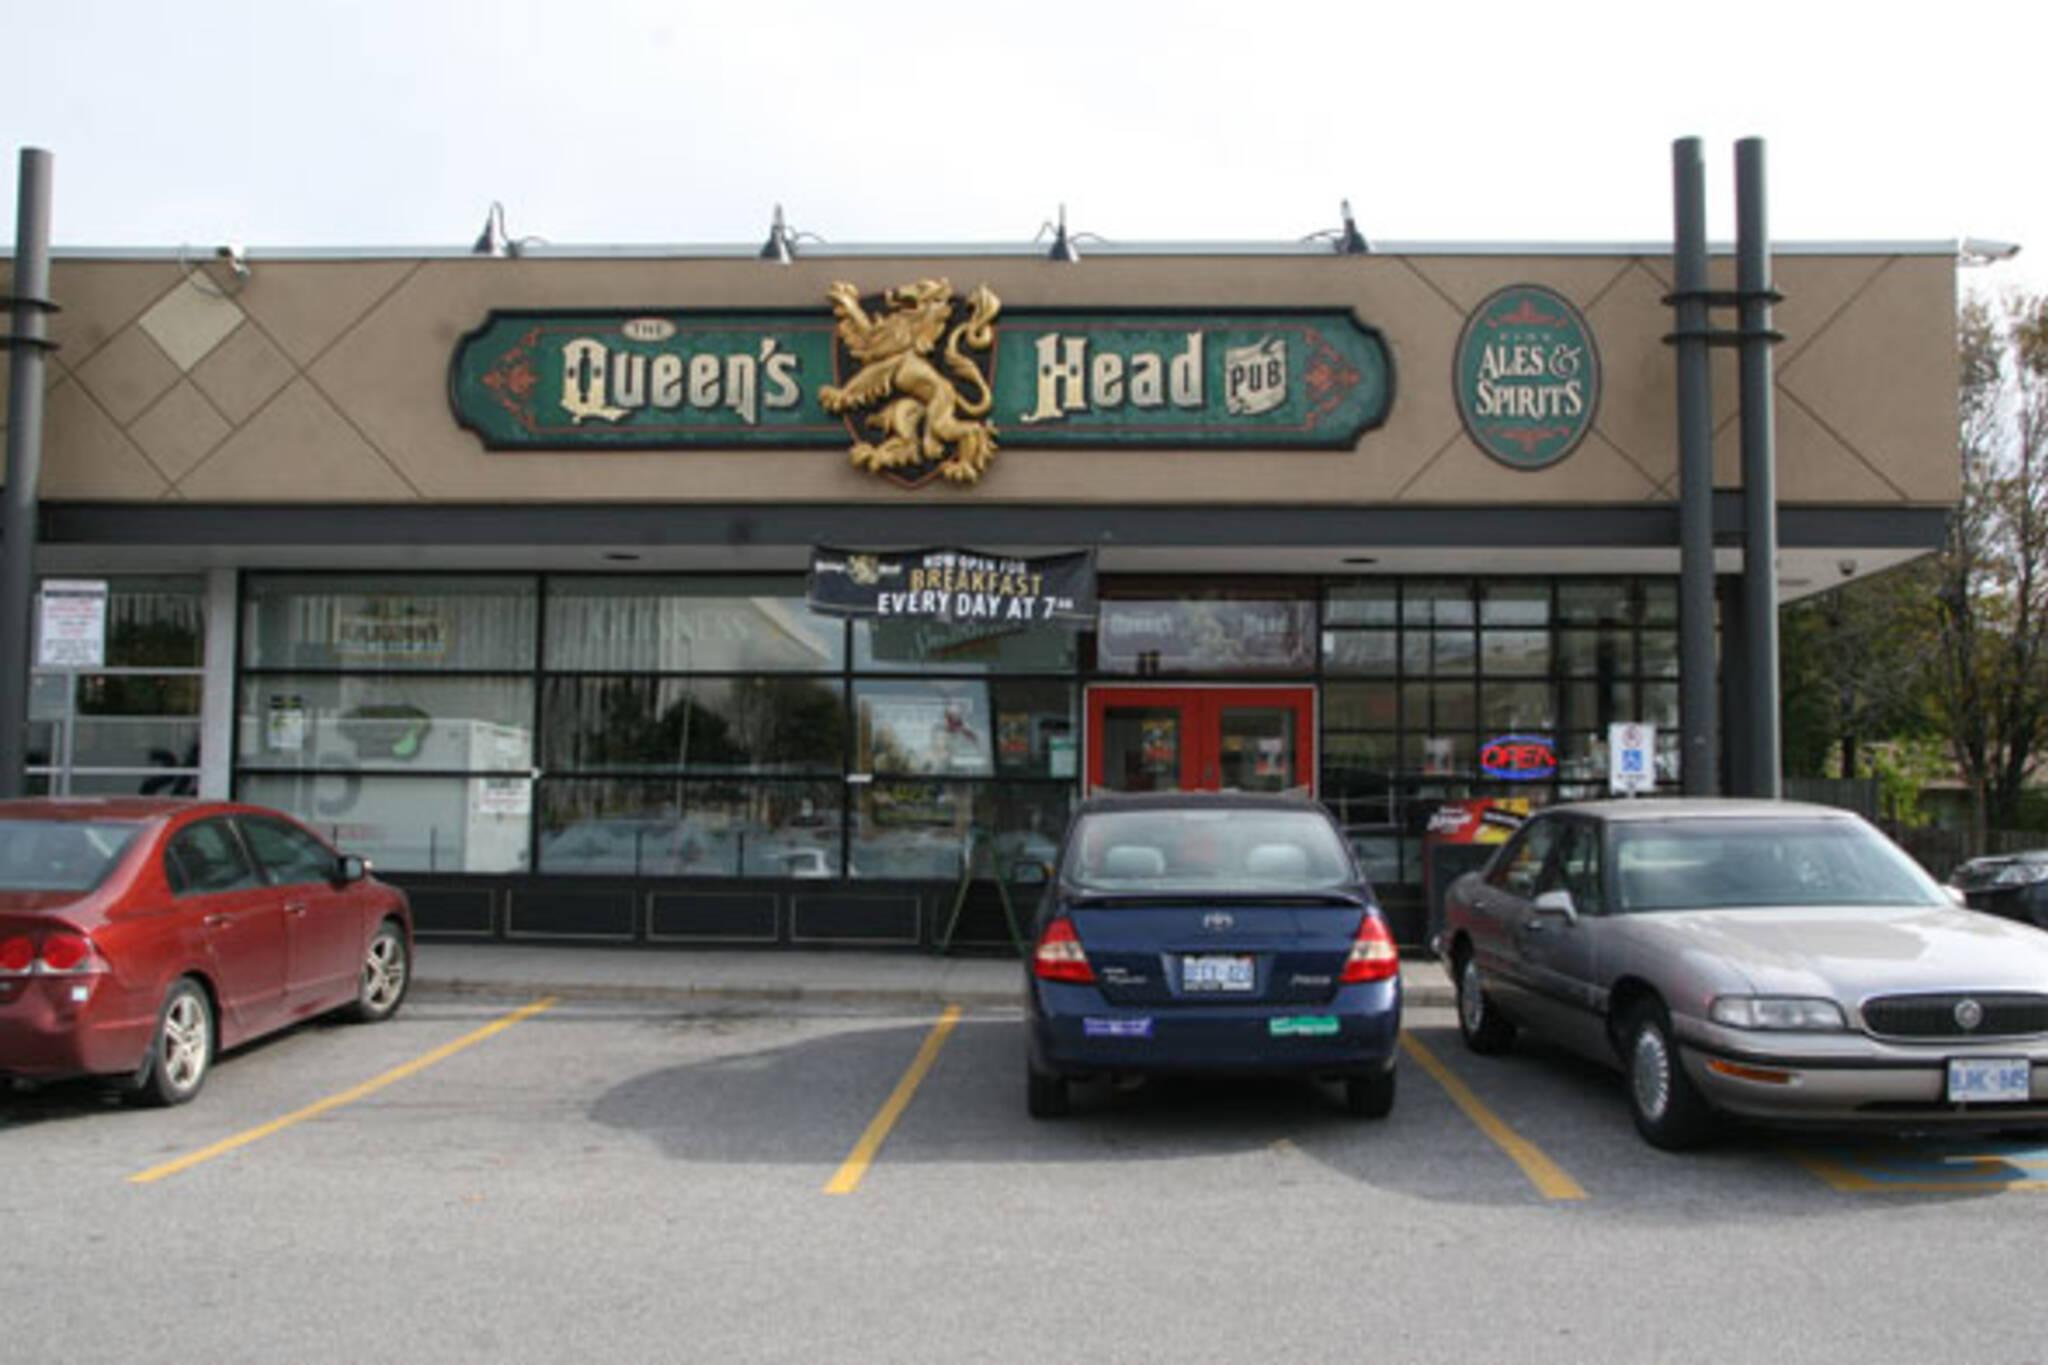 The Queenshead Pub (Scarborough) Toronto